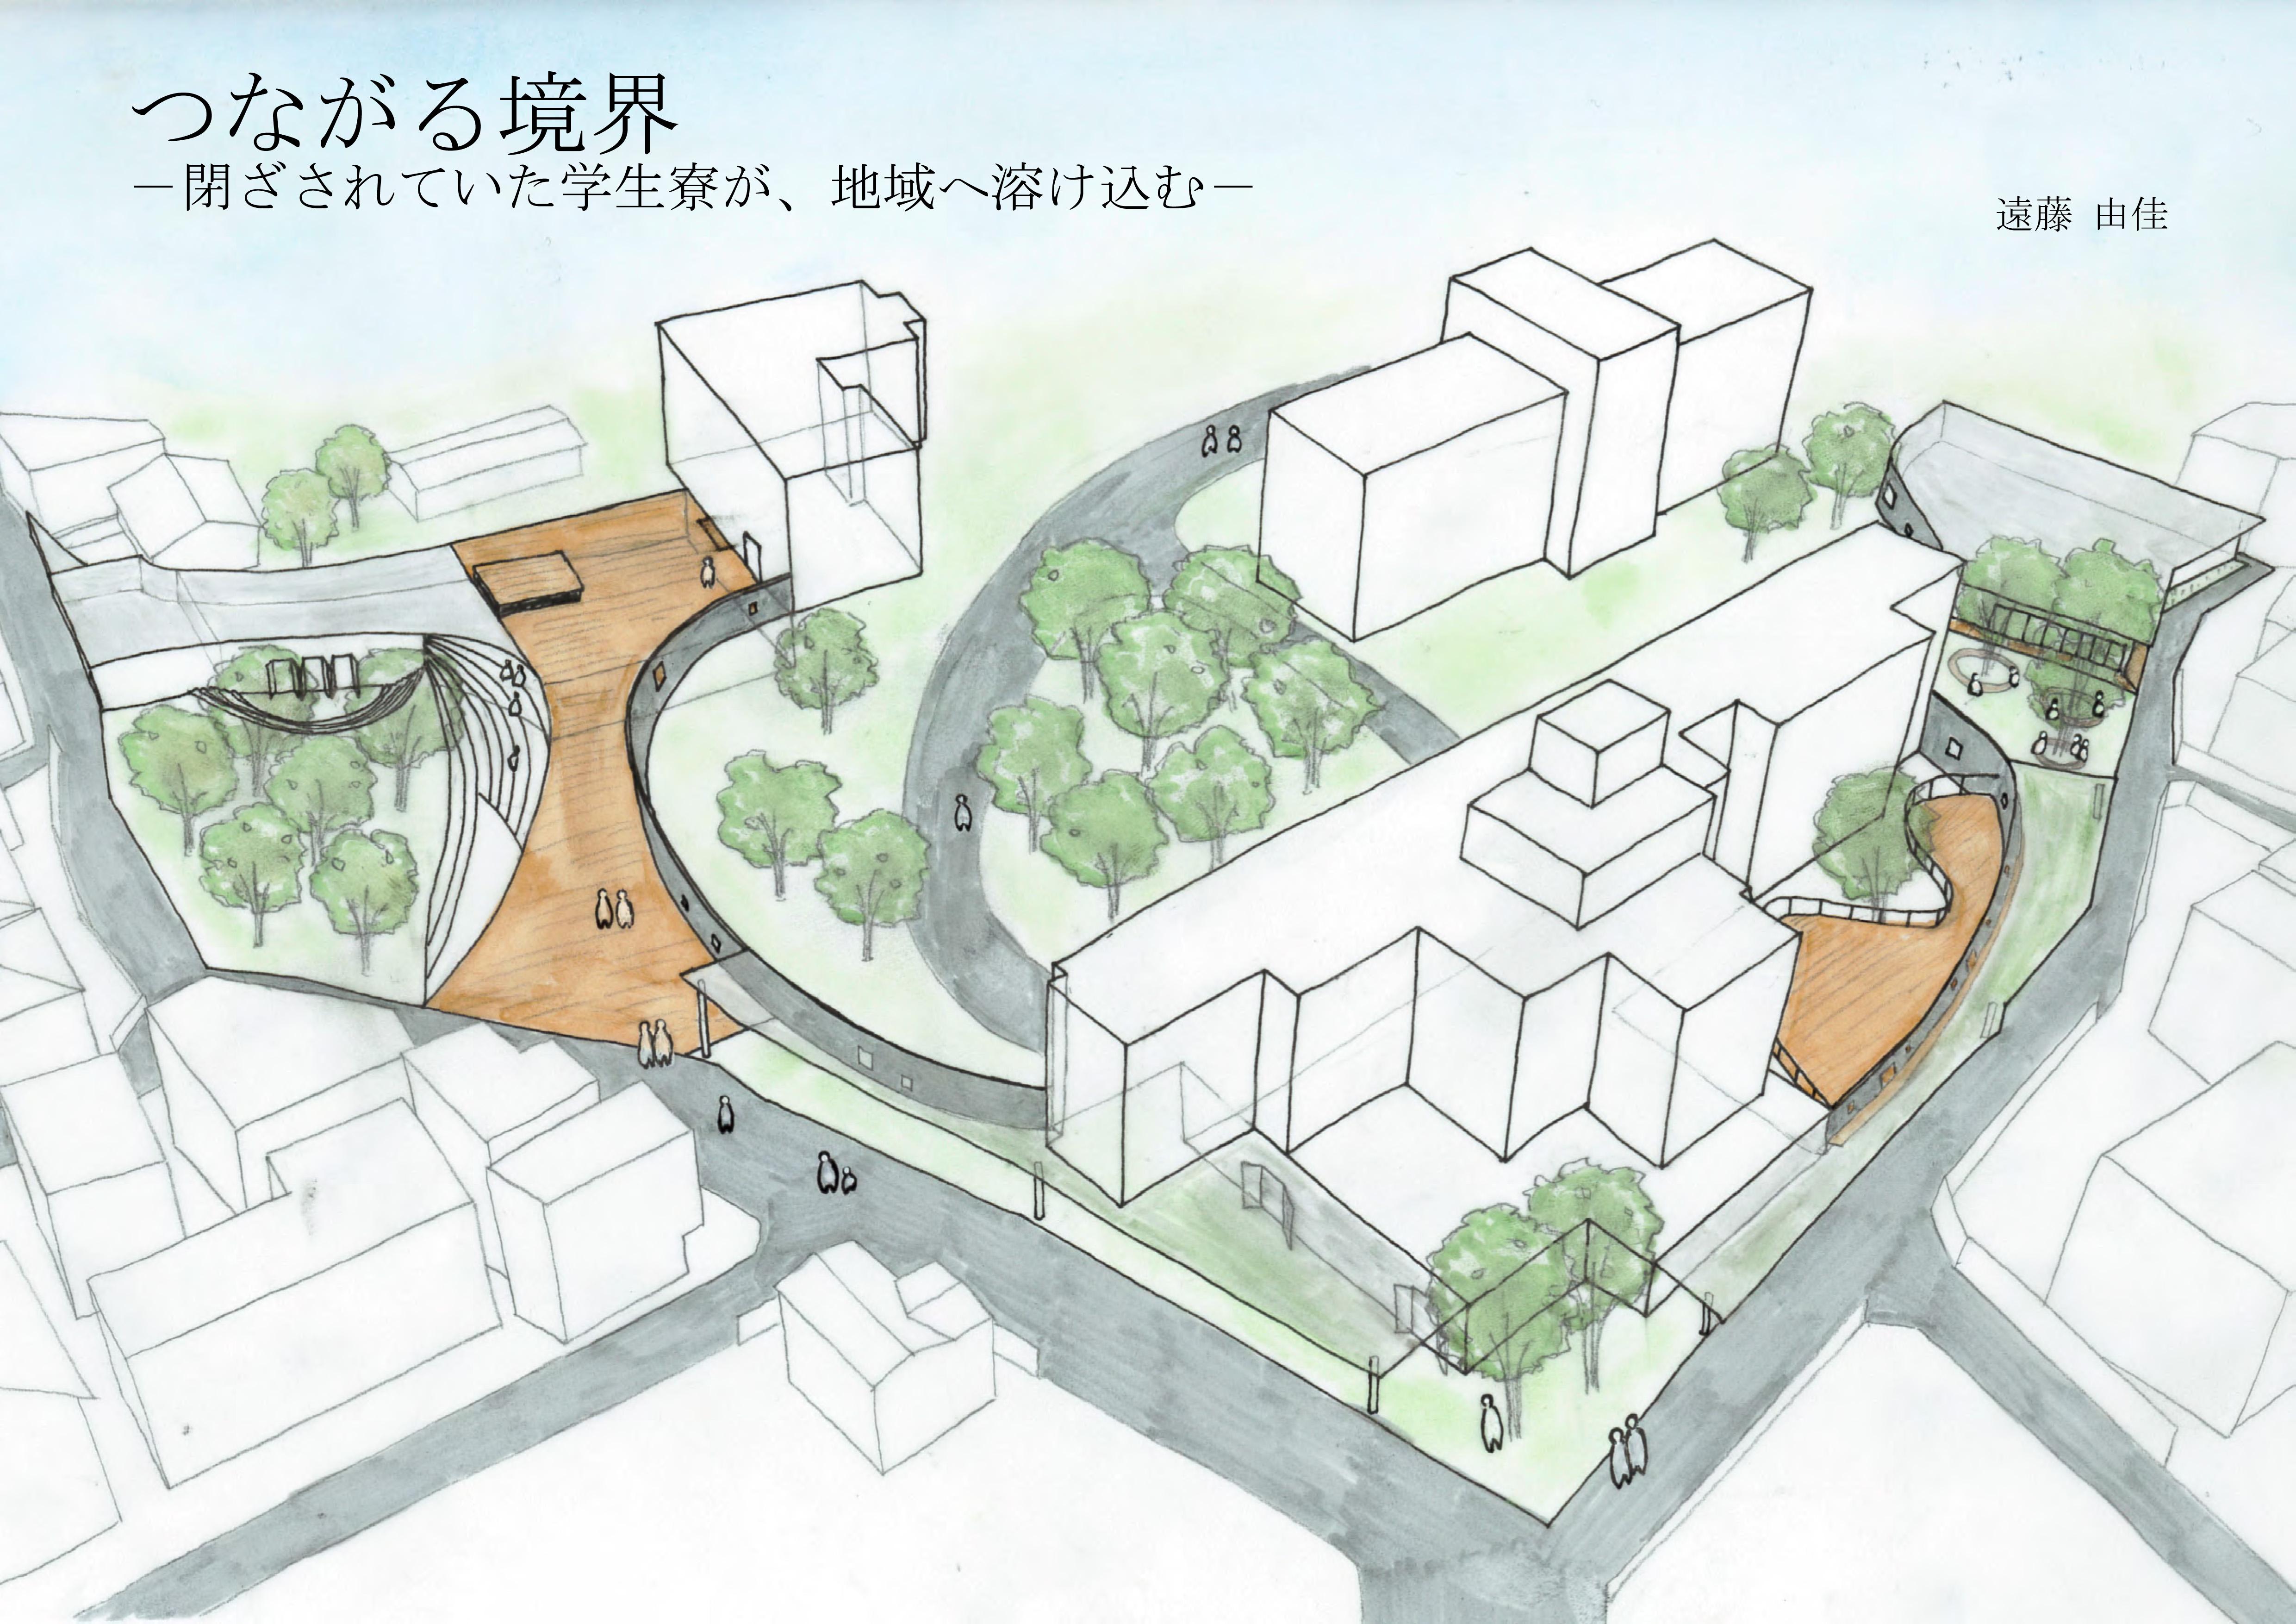 遠藤由佳 pdf-1